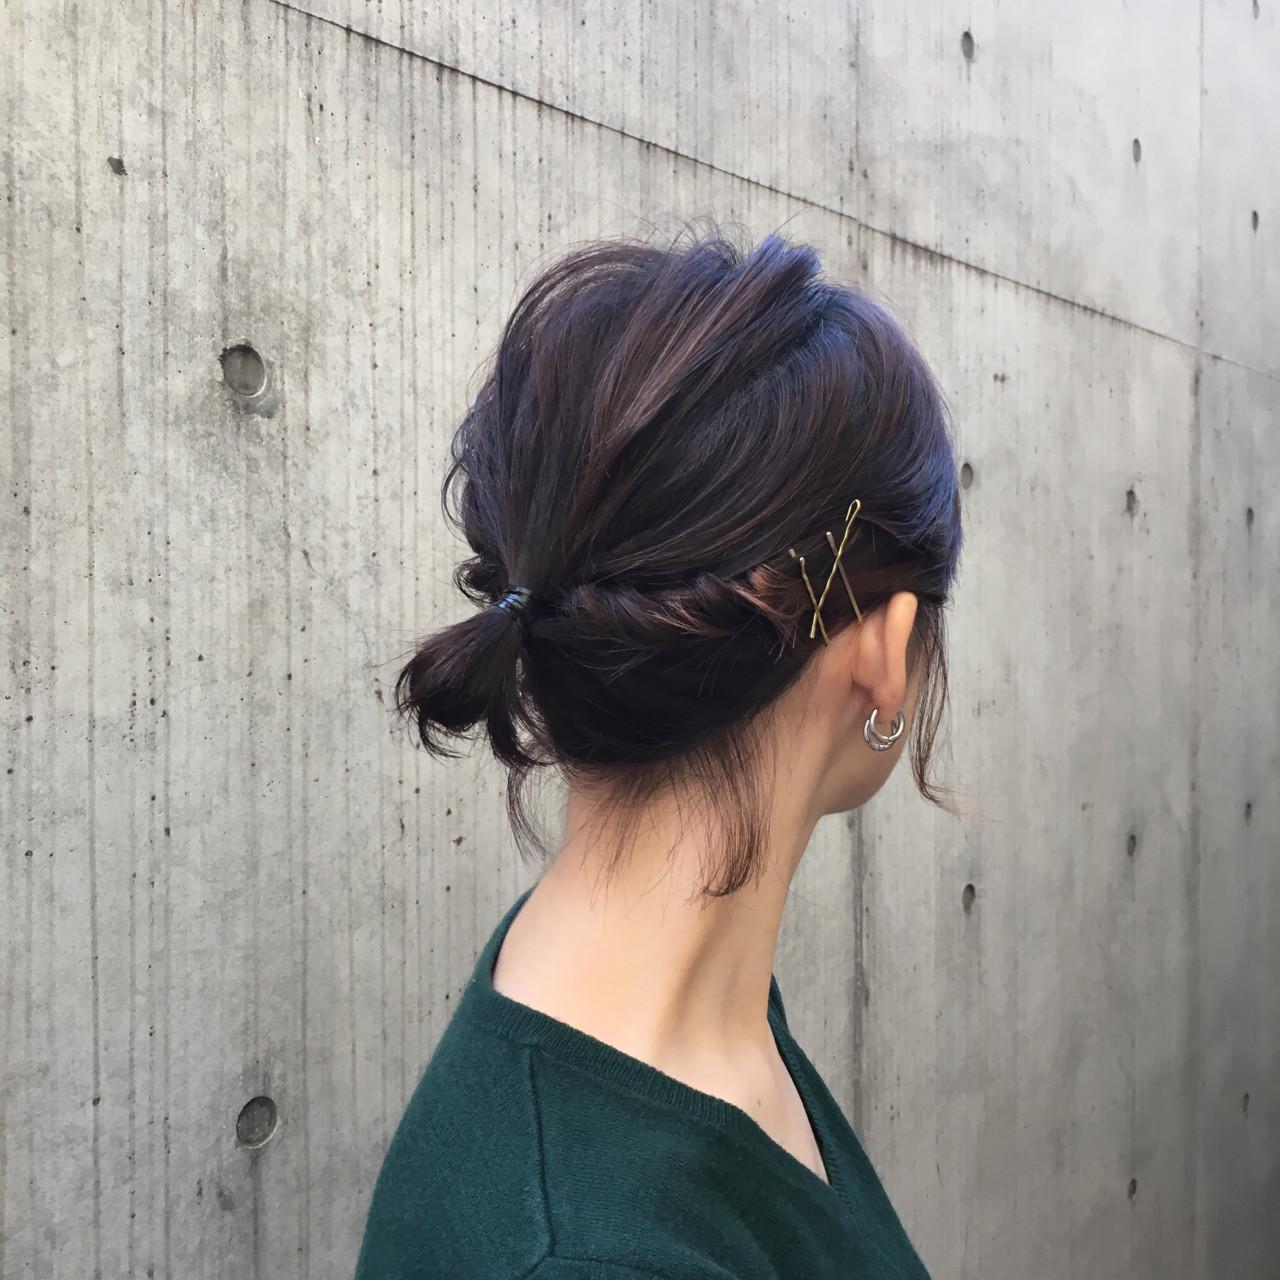 ボブ オフィス デート ナチュラル ヘアスタイルや髪型の写真・画像 | 中尾 寿揮 / Anna Lanna